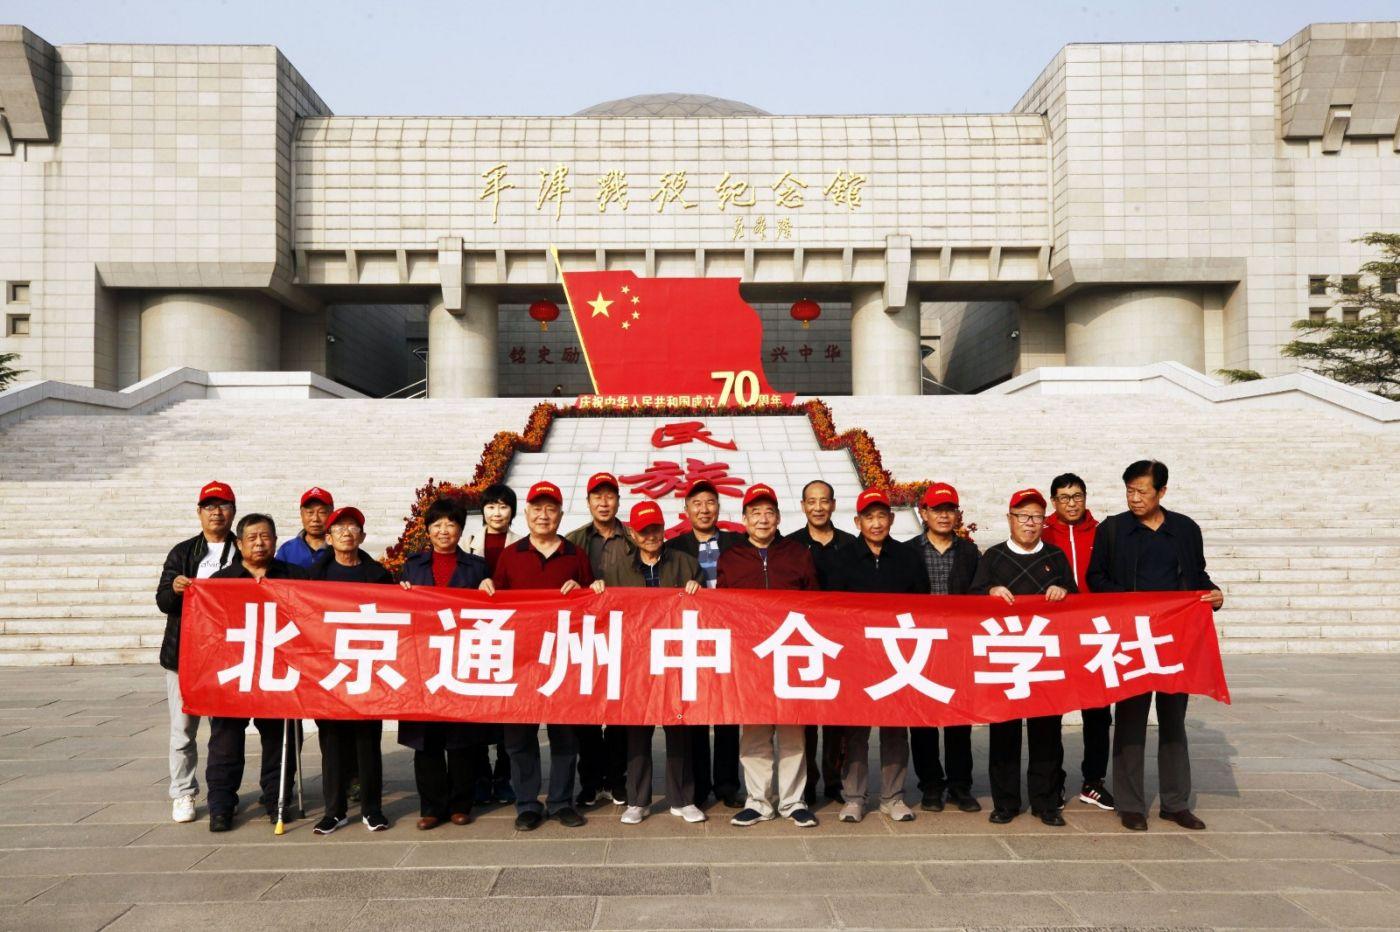 通州、武清两地文学组织结成友好共建单位_图1-4